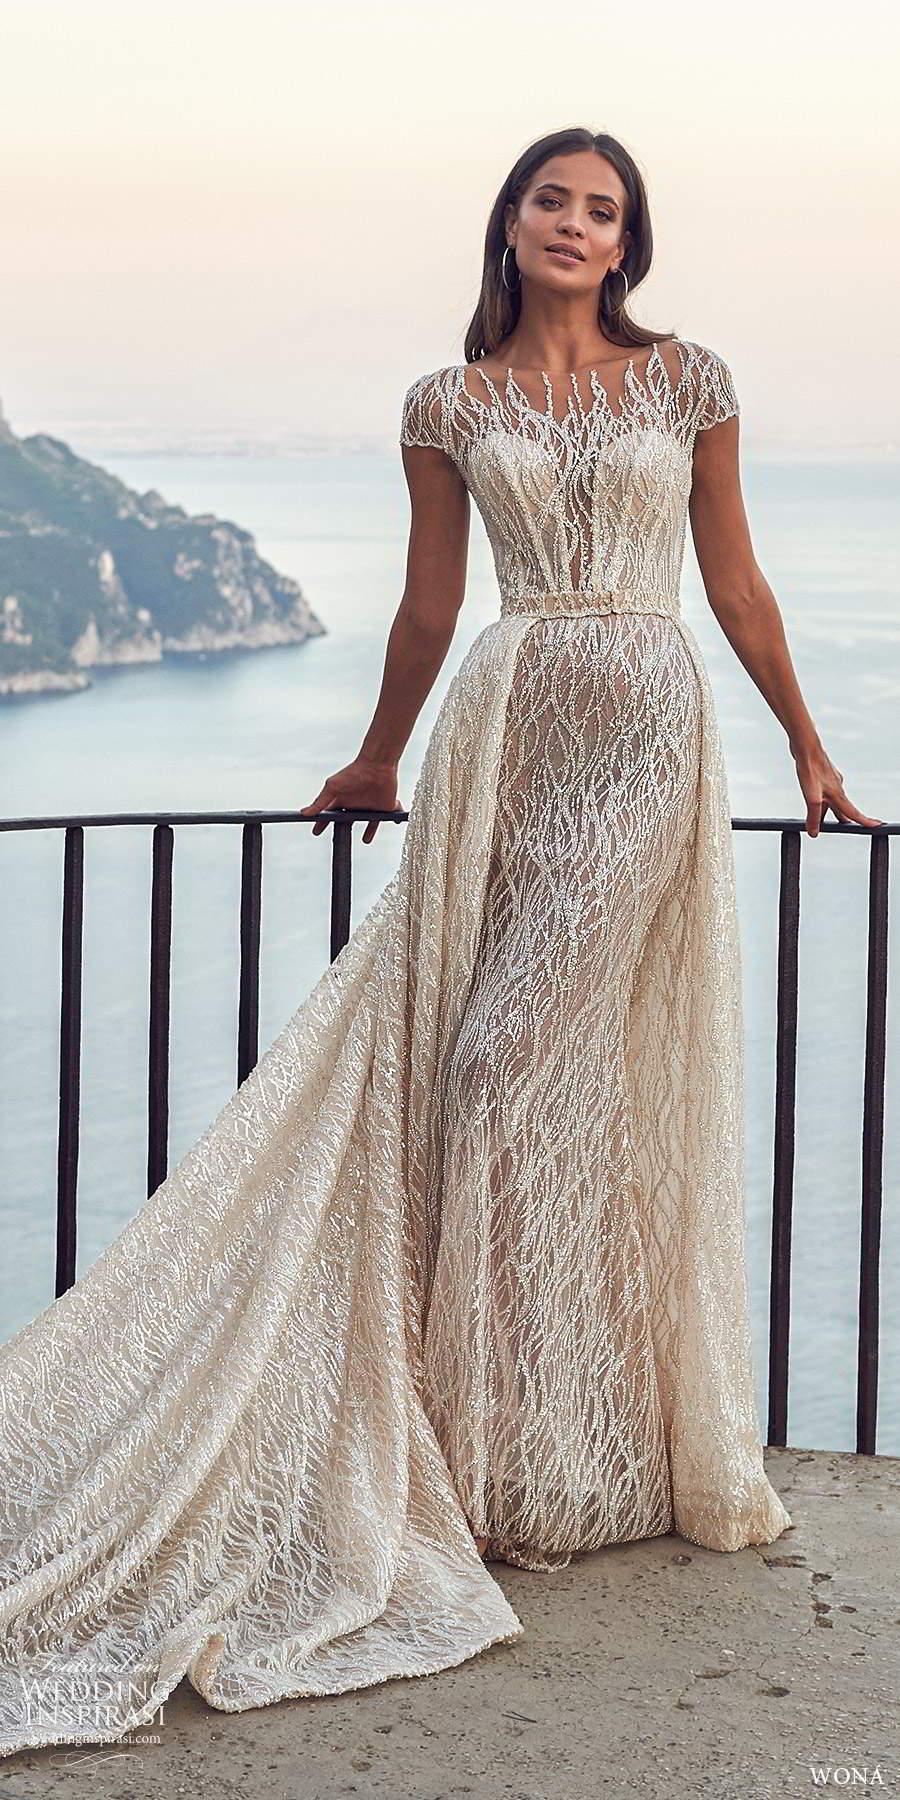 wona fall 2020 bridal illusion cap sleeves sheer bateau neckline fully embellished glitzy sheath wedding dress a line overskirt chapel train (20) mv